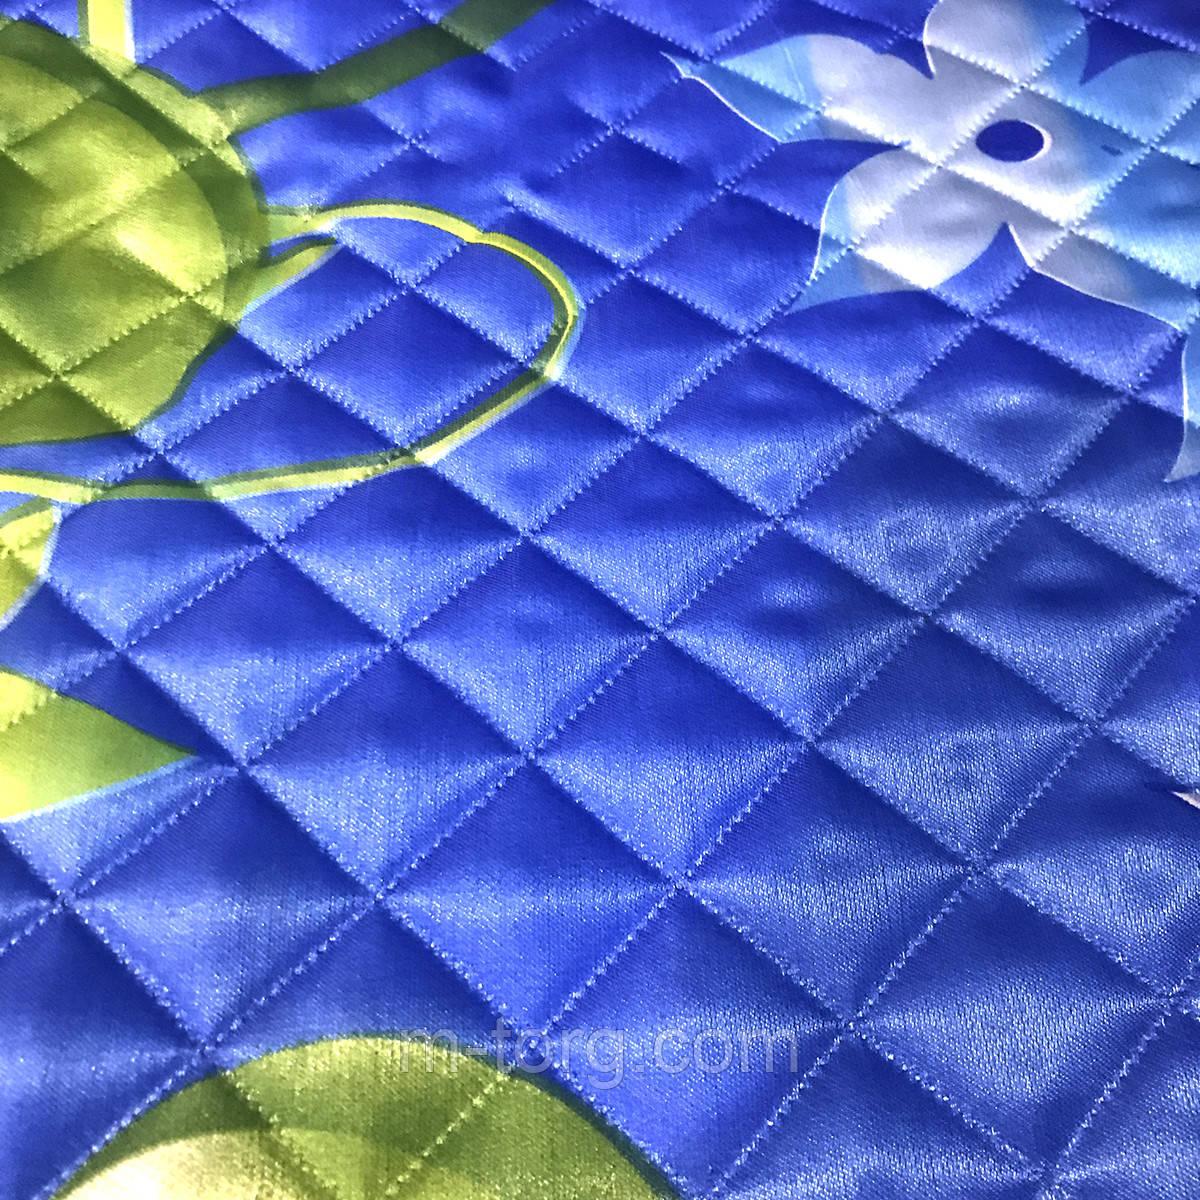 Одеяло летнее атласное евро размер 195/205